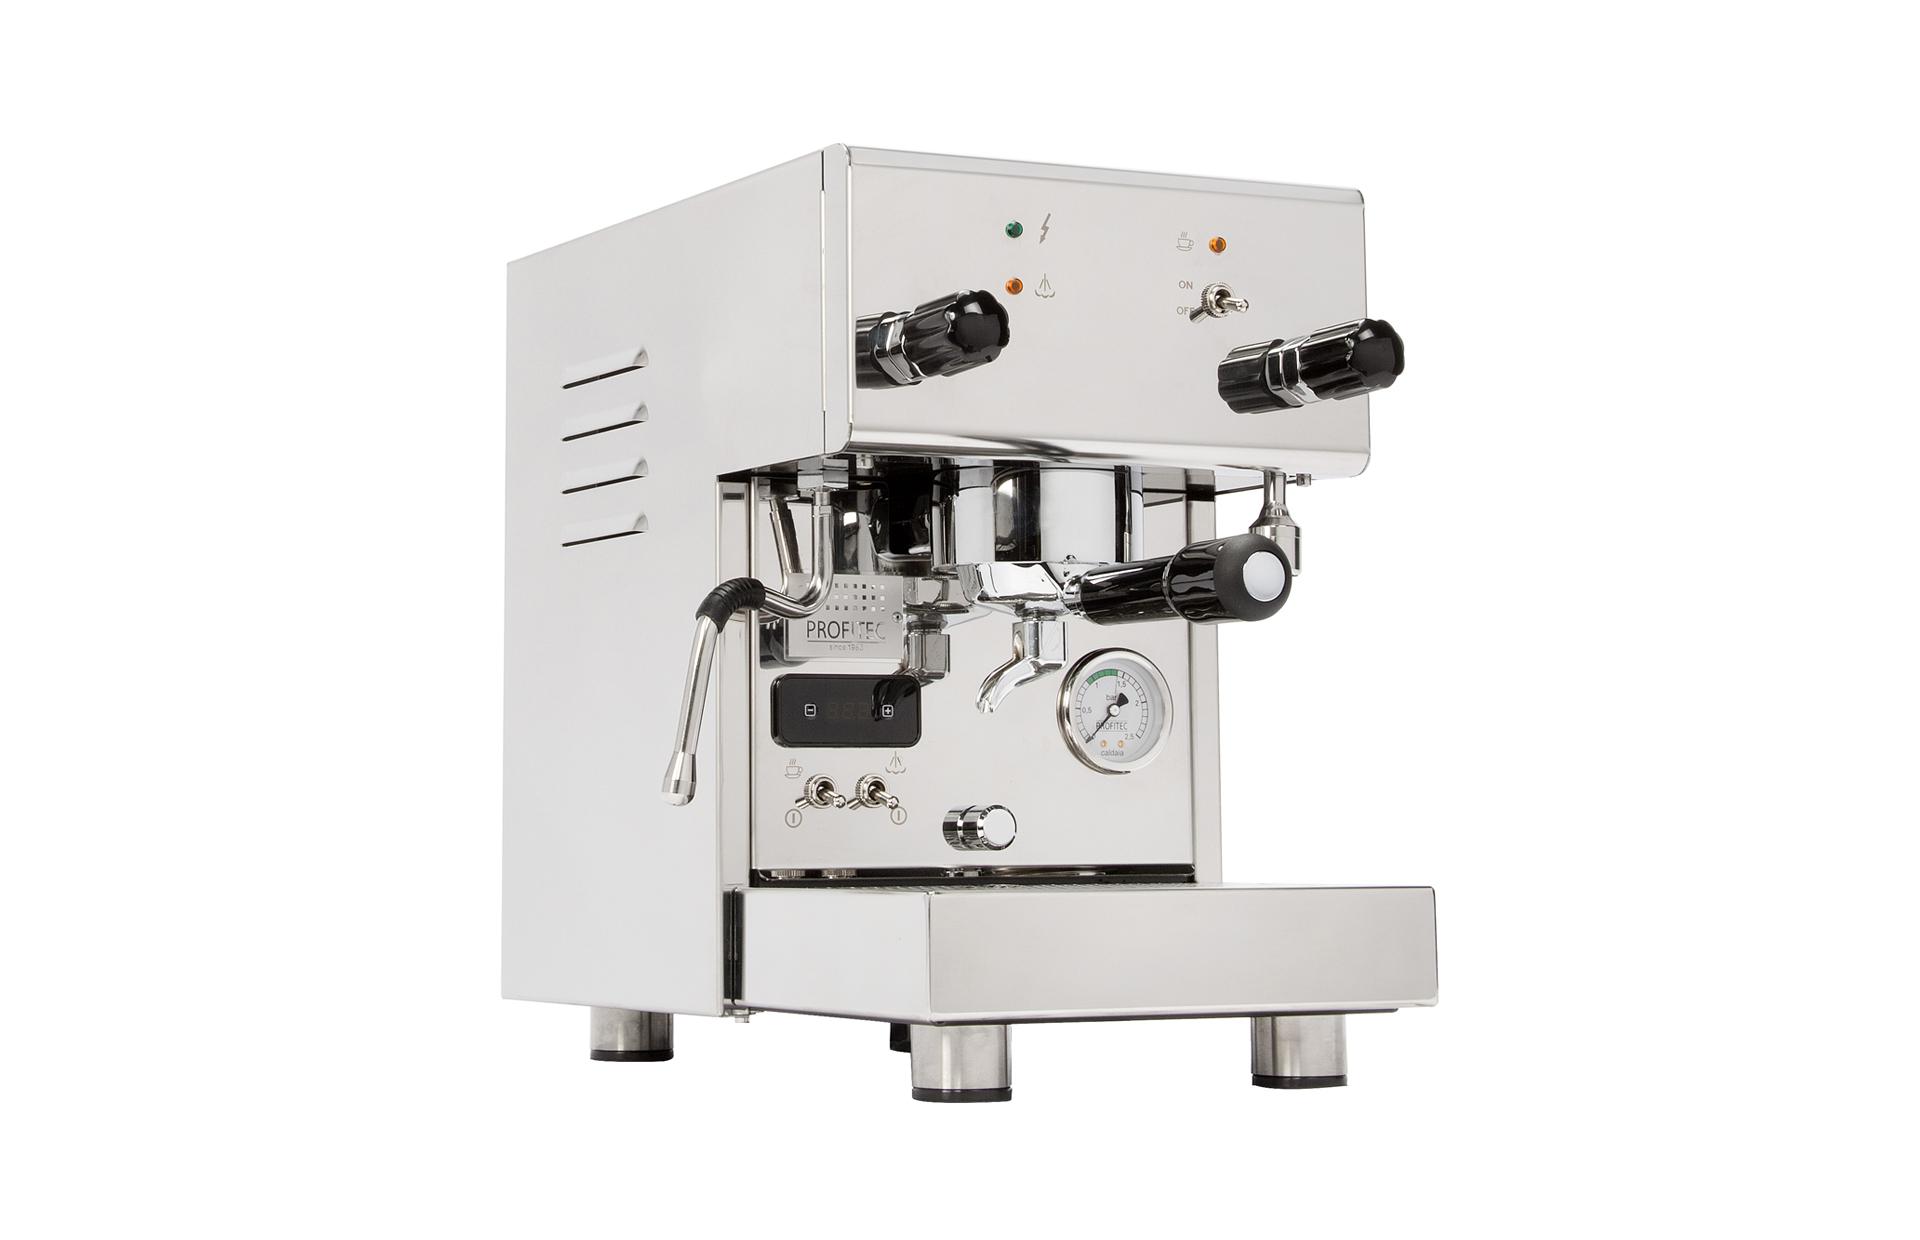 Profitec Pro 300 Dualboiler Espressomaschine